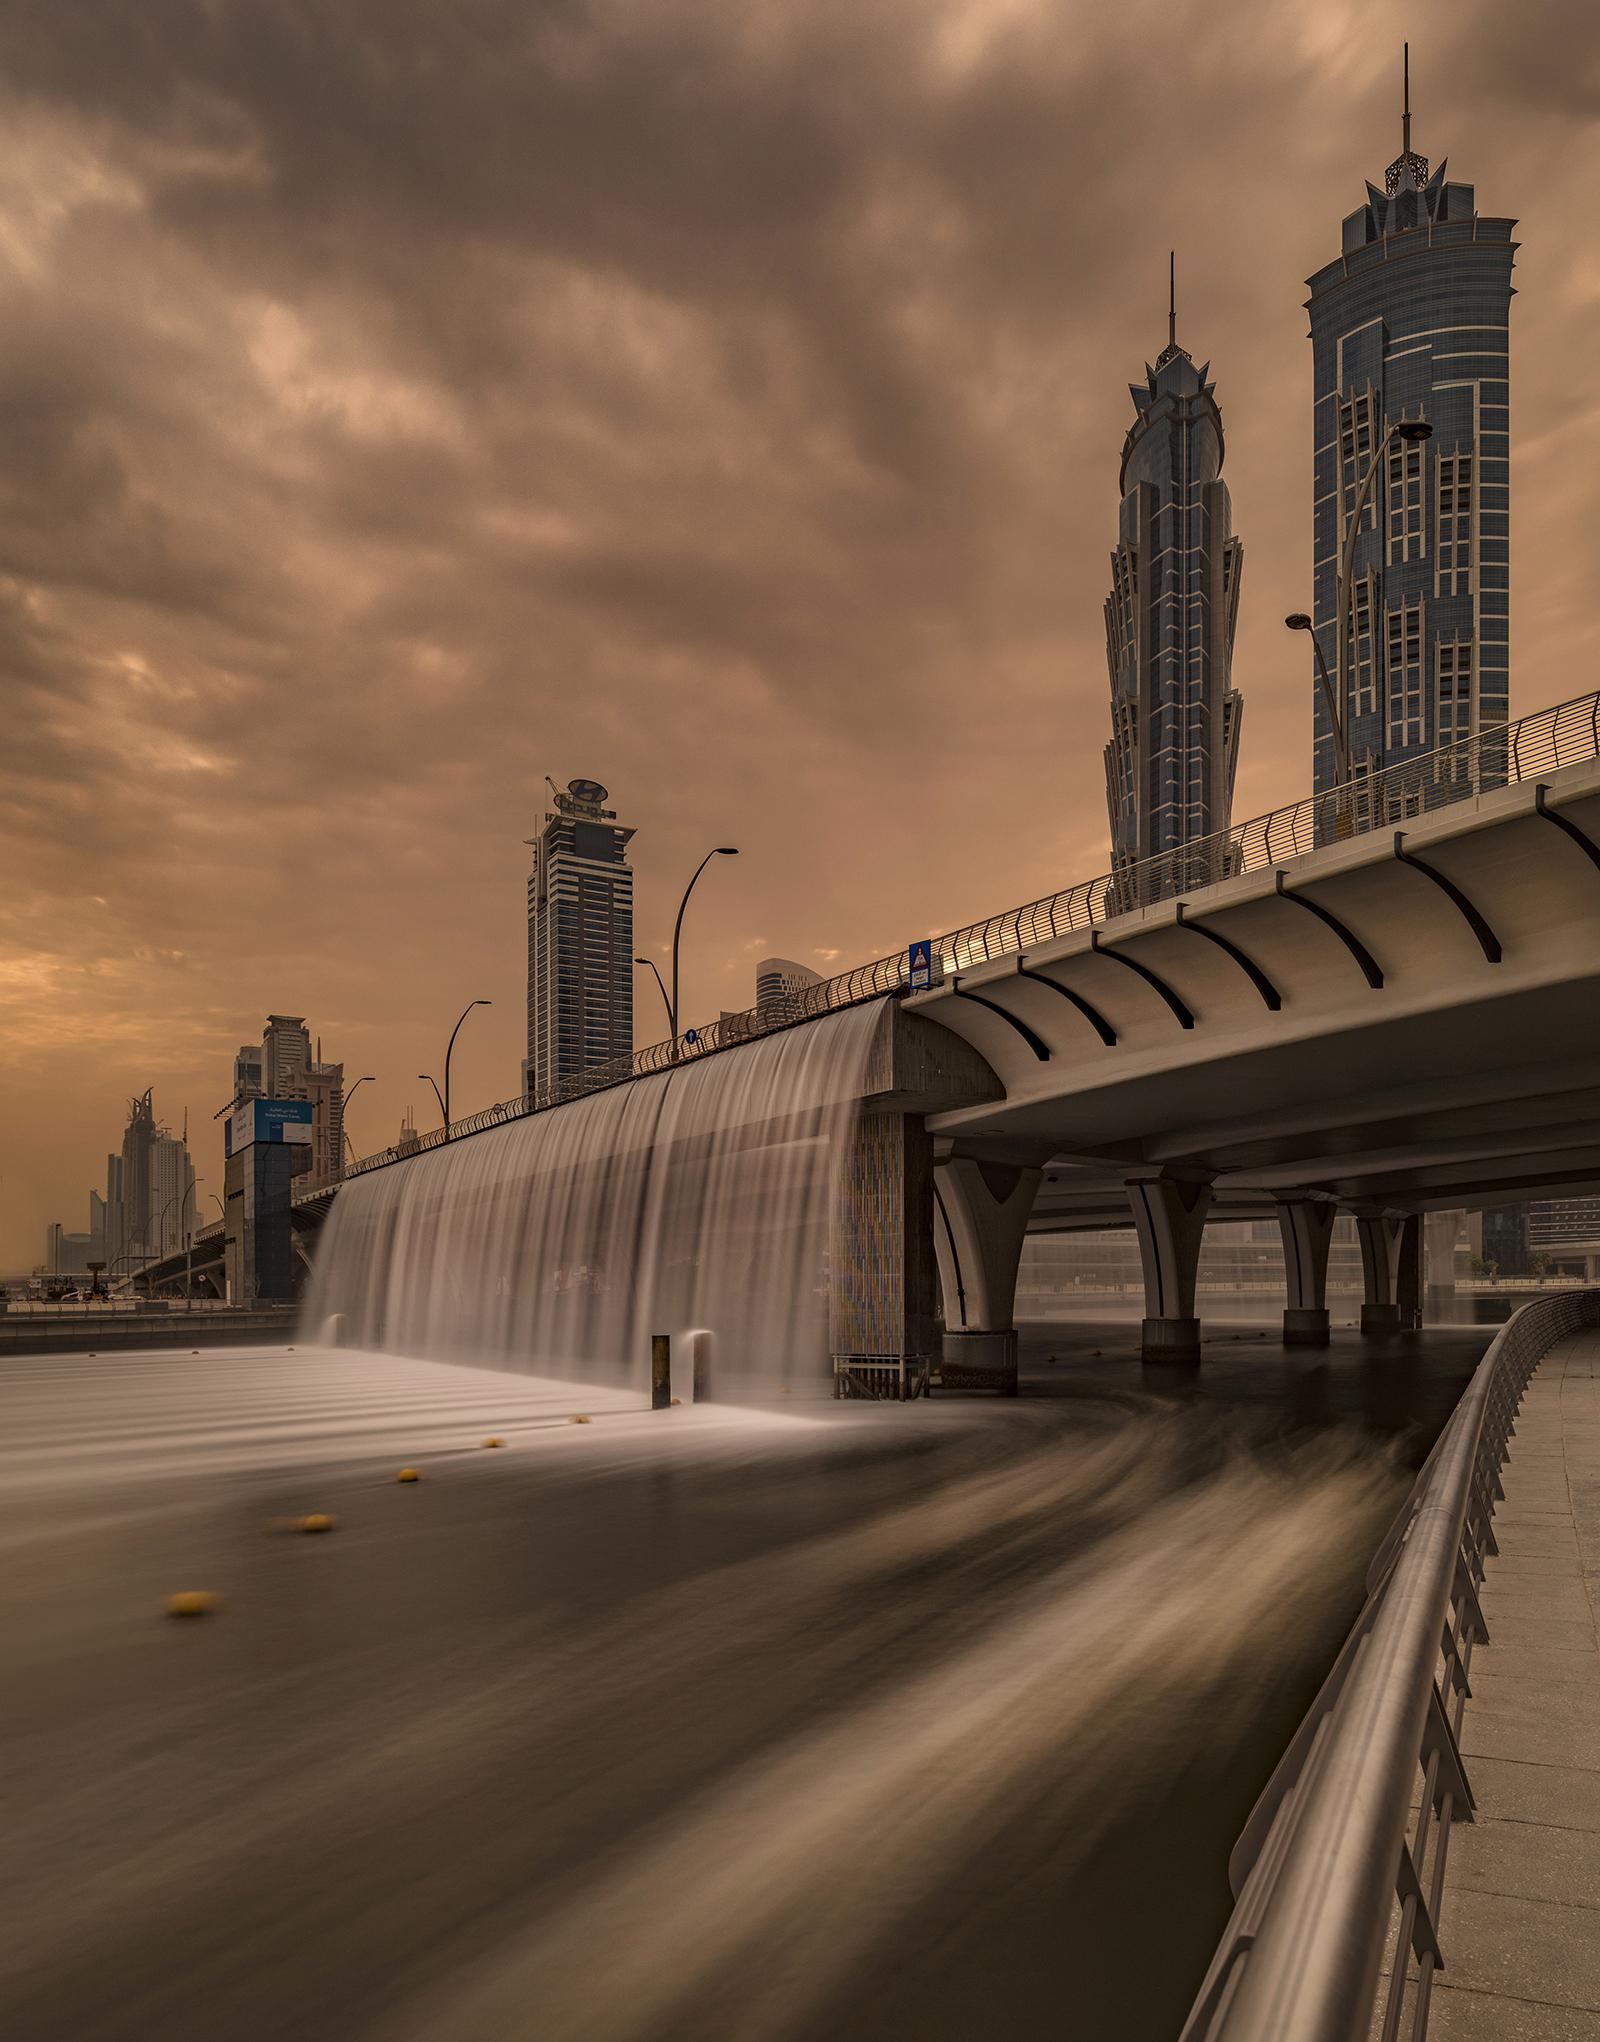 The Dubai canal